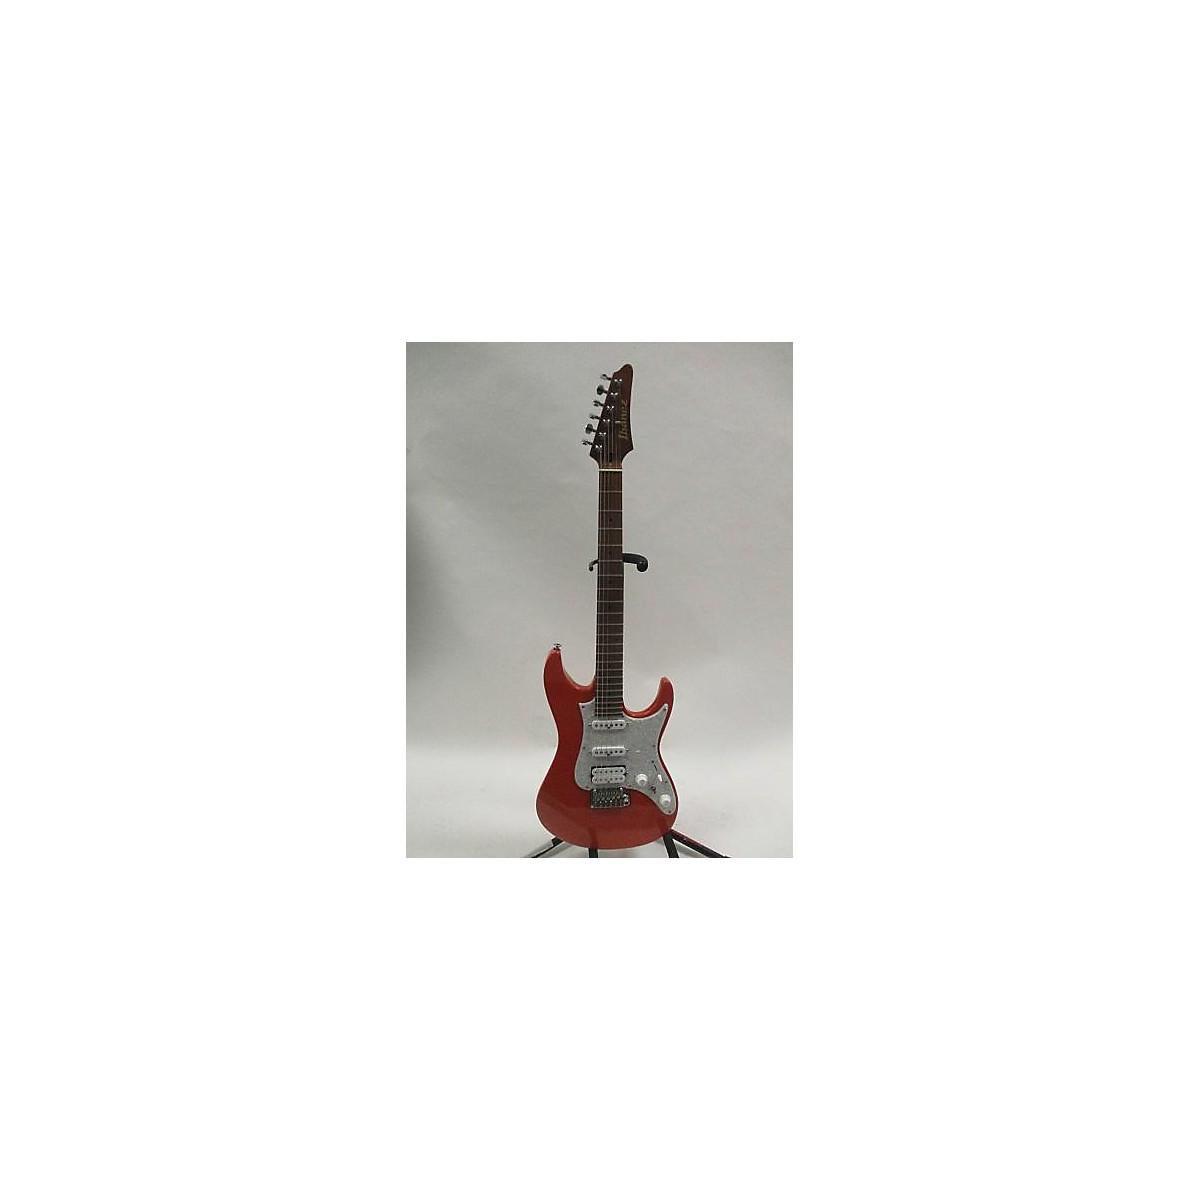 Ibanez Prestige AZ2204 Solid Body Electric Guitar